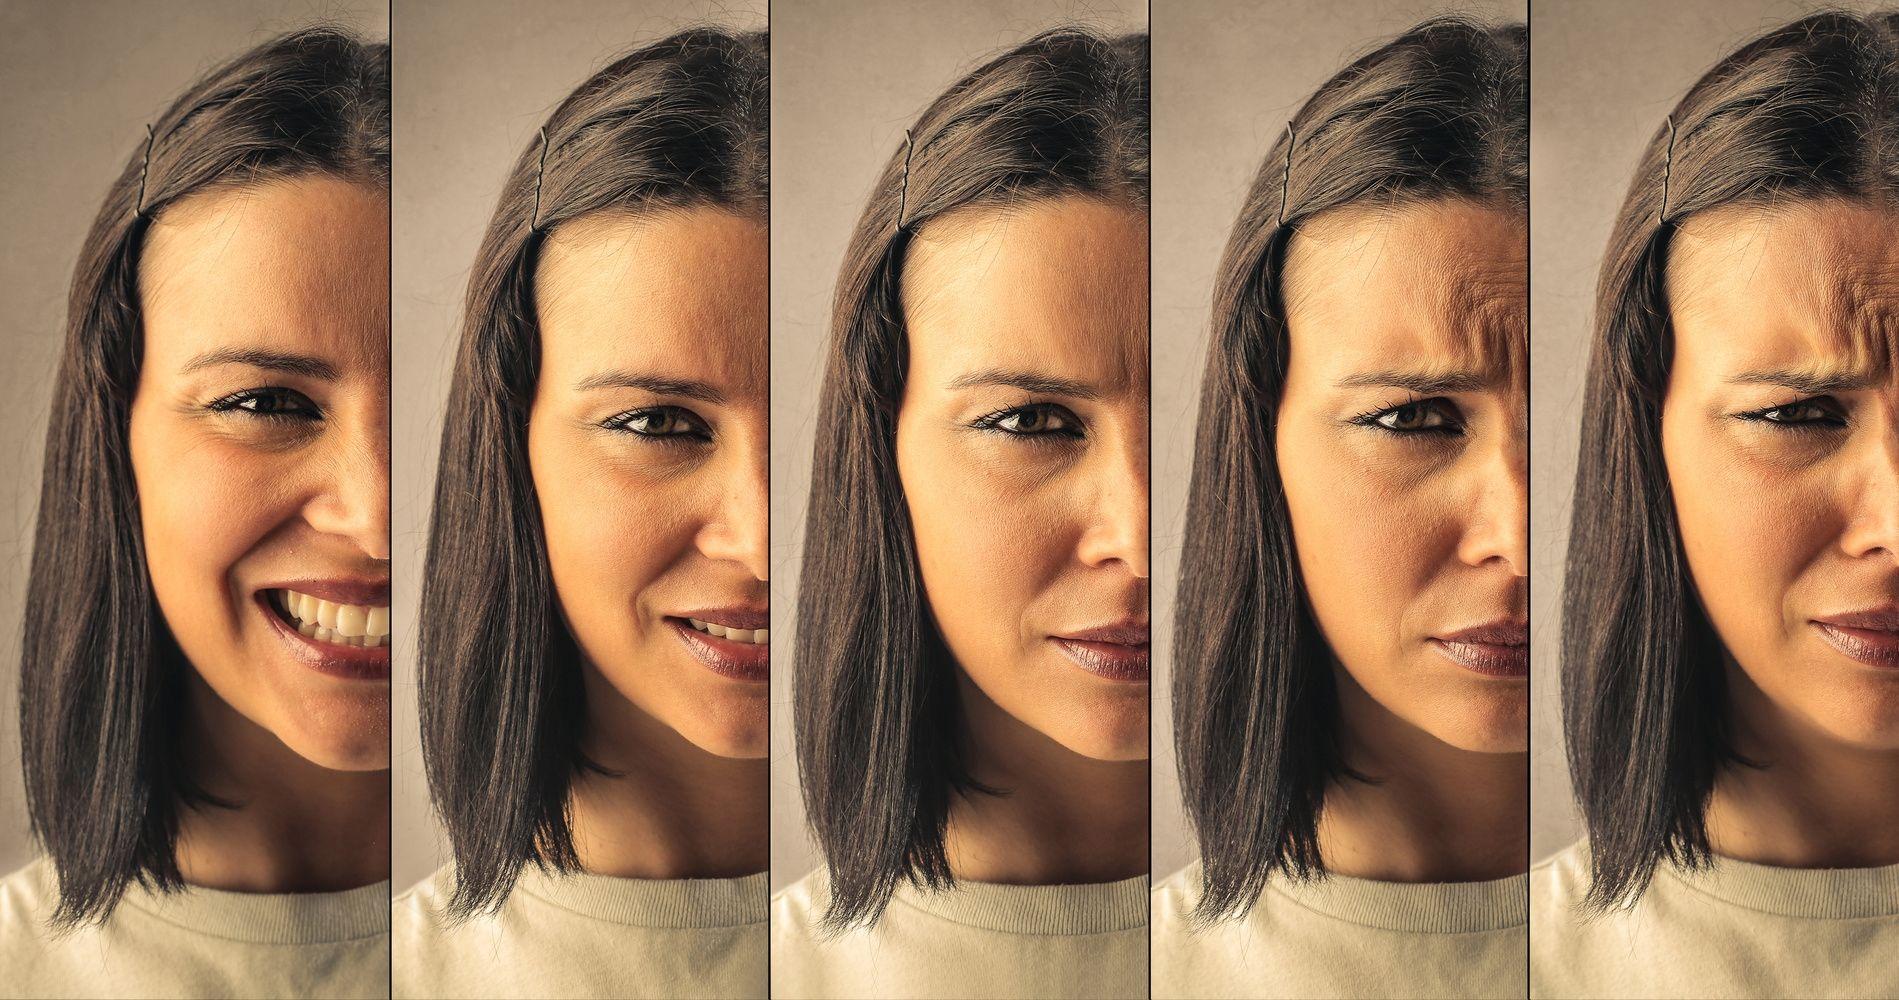 Změny nálad jsou během menopauzy obvyklé